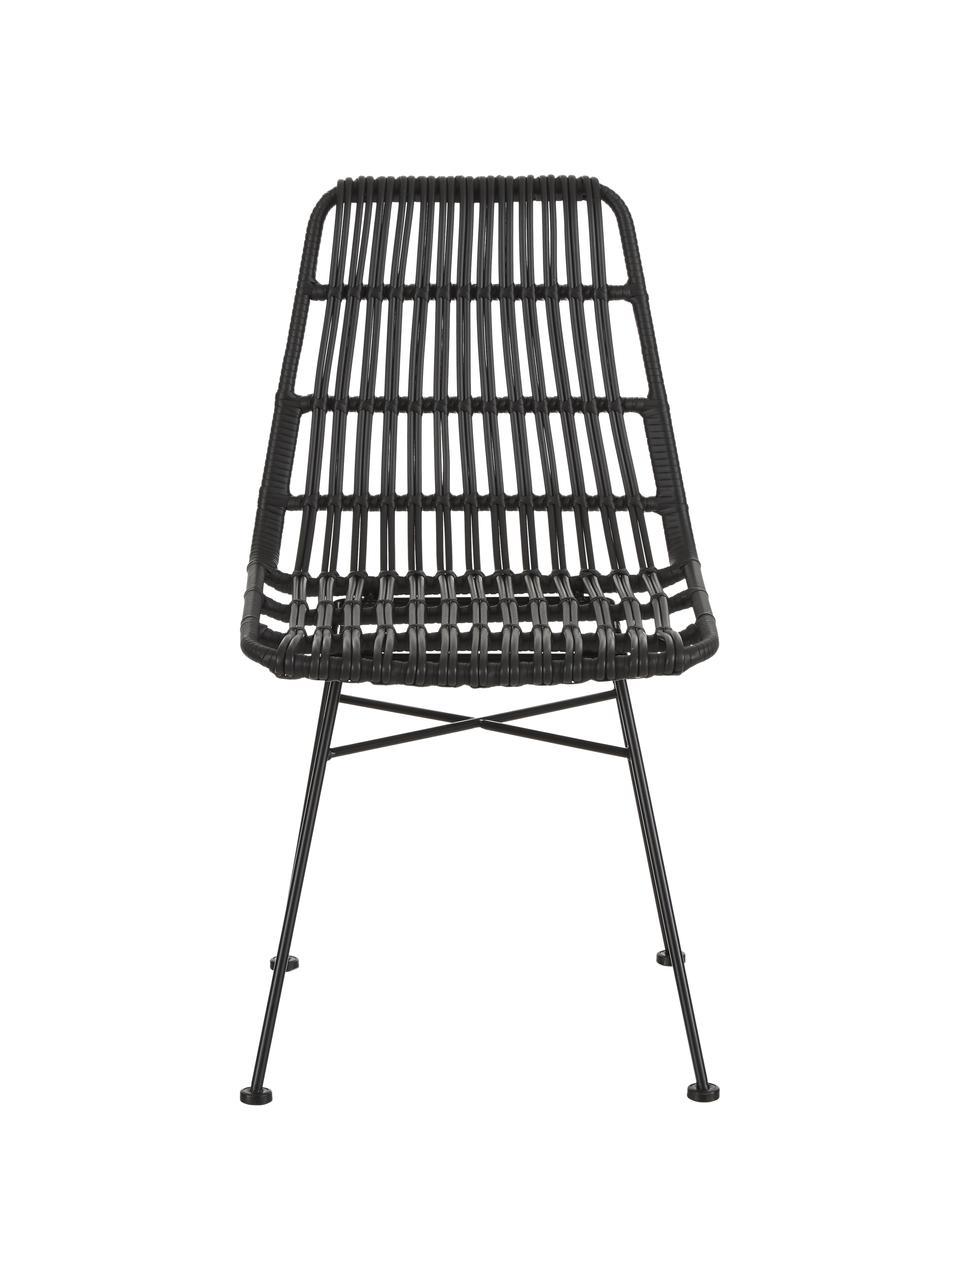 Polyrattan-Stühle Costa, 2 Stück, Sitzfläche: Polyethylen-Geflecht, Gestell: Metall, pulverbeschichtet, Schwarz, Schwarz, B 47 x T 61 cm